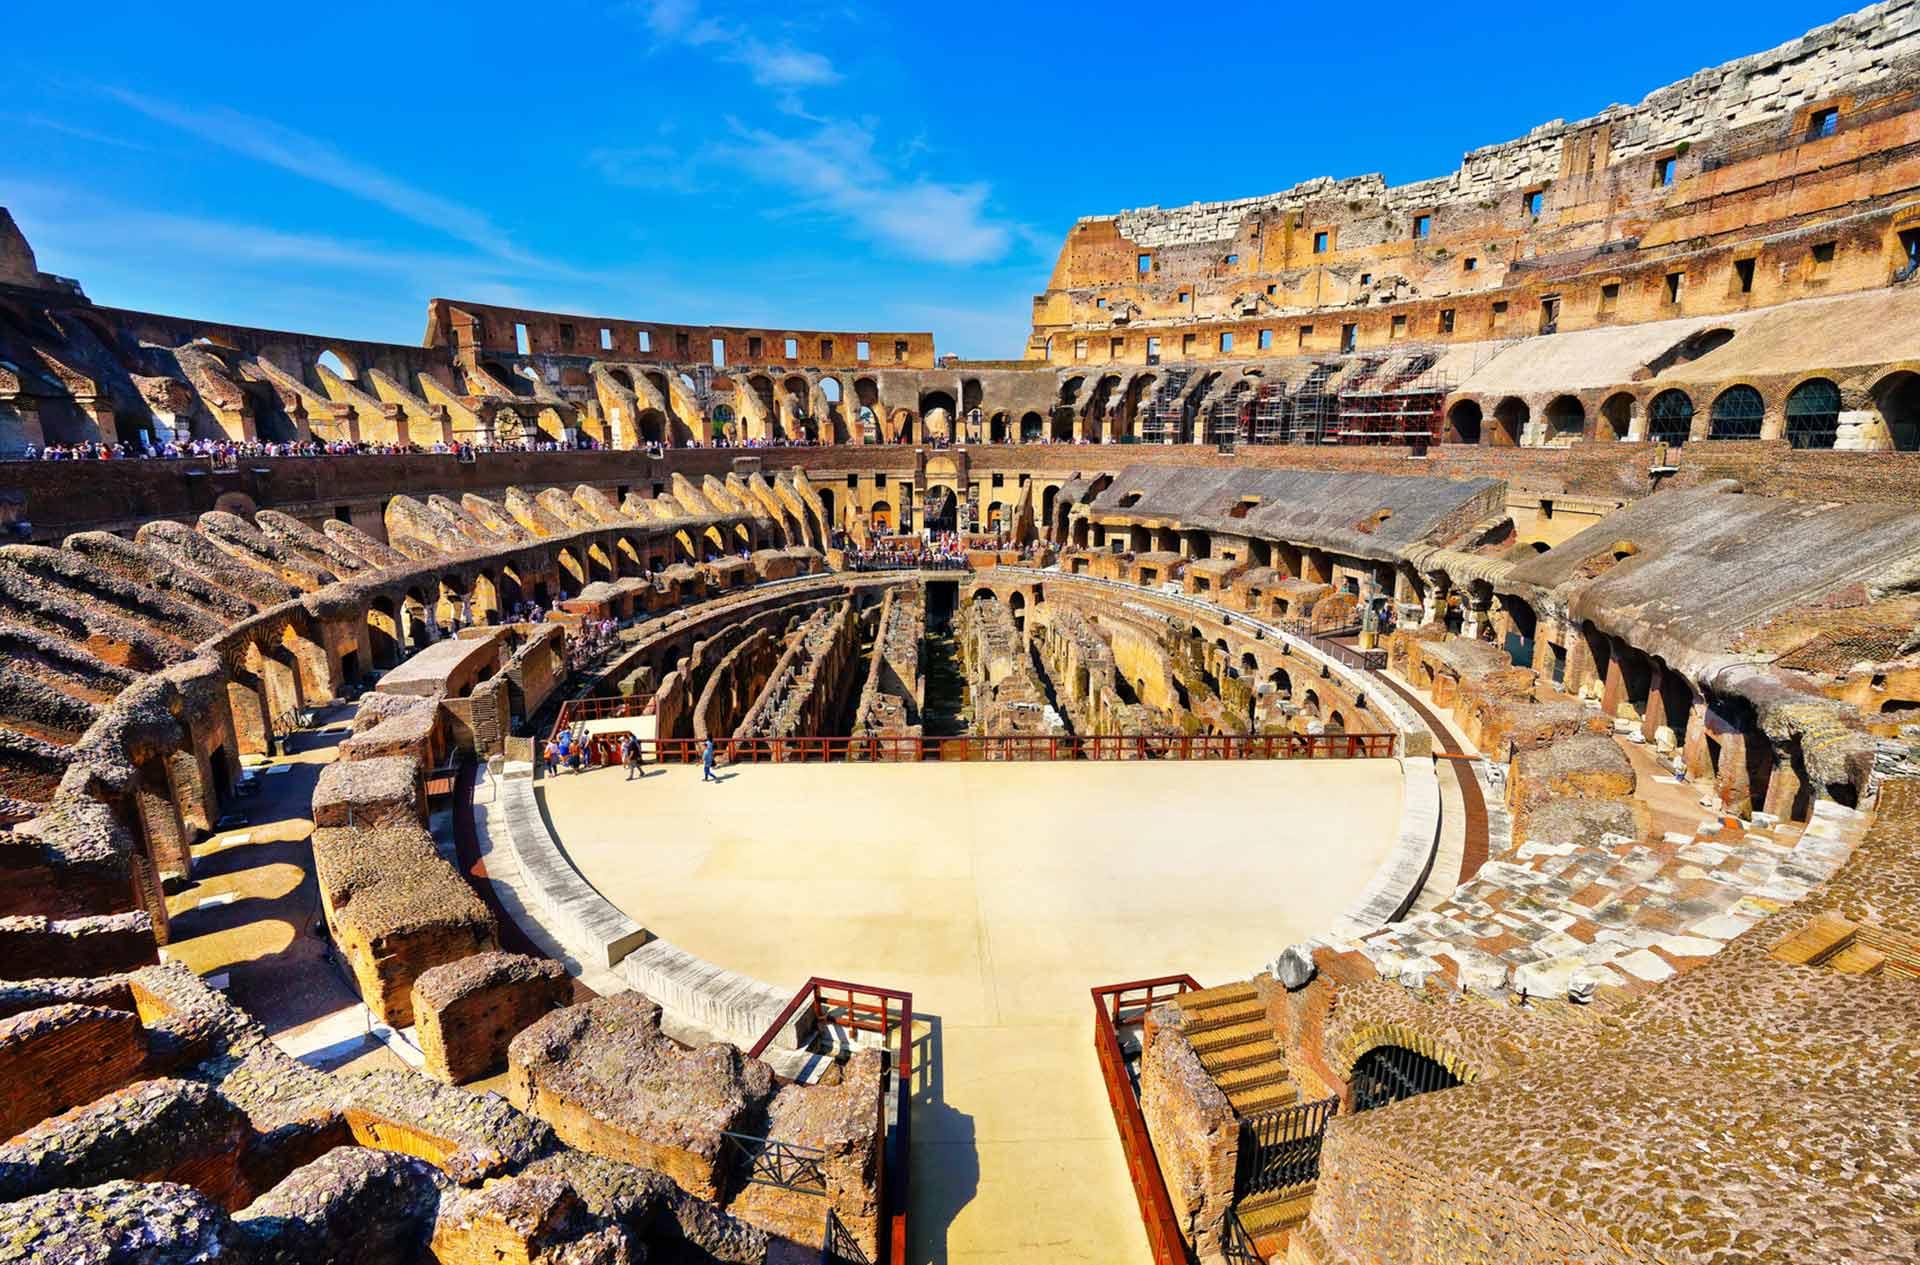 Anuncian la reconstrucción de la arena del Coliseo romano 1